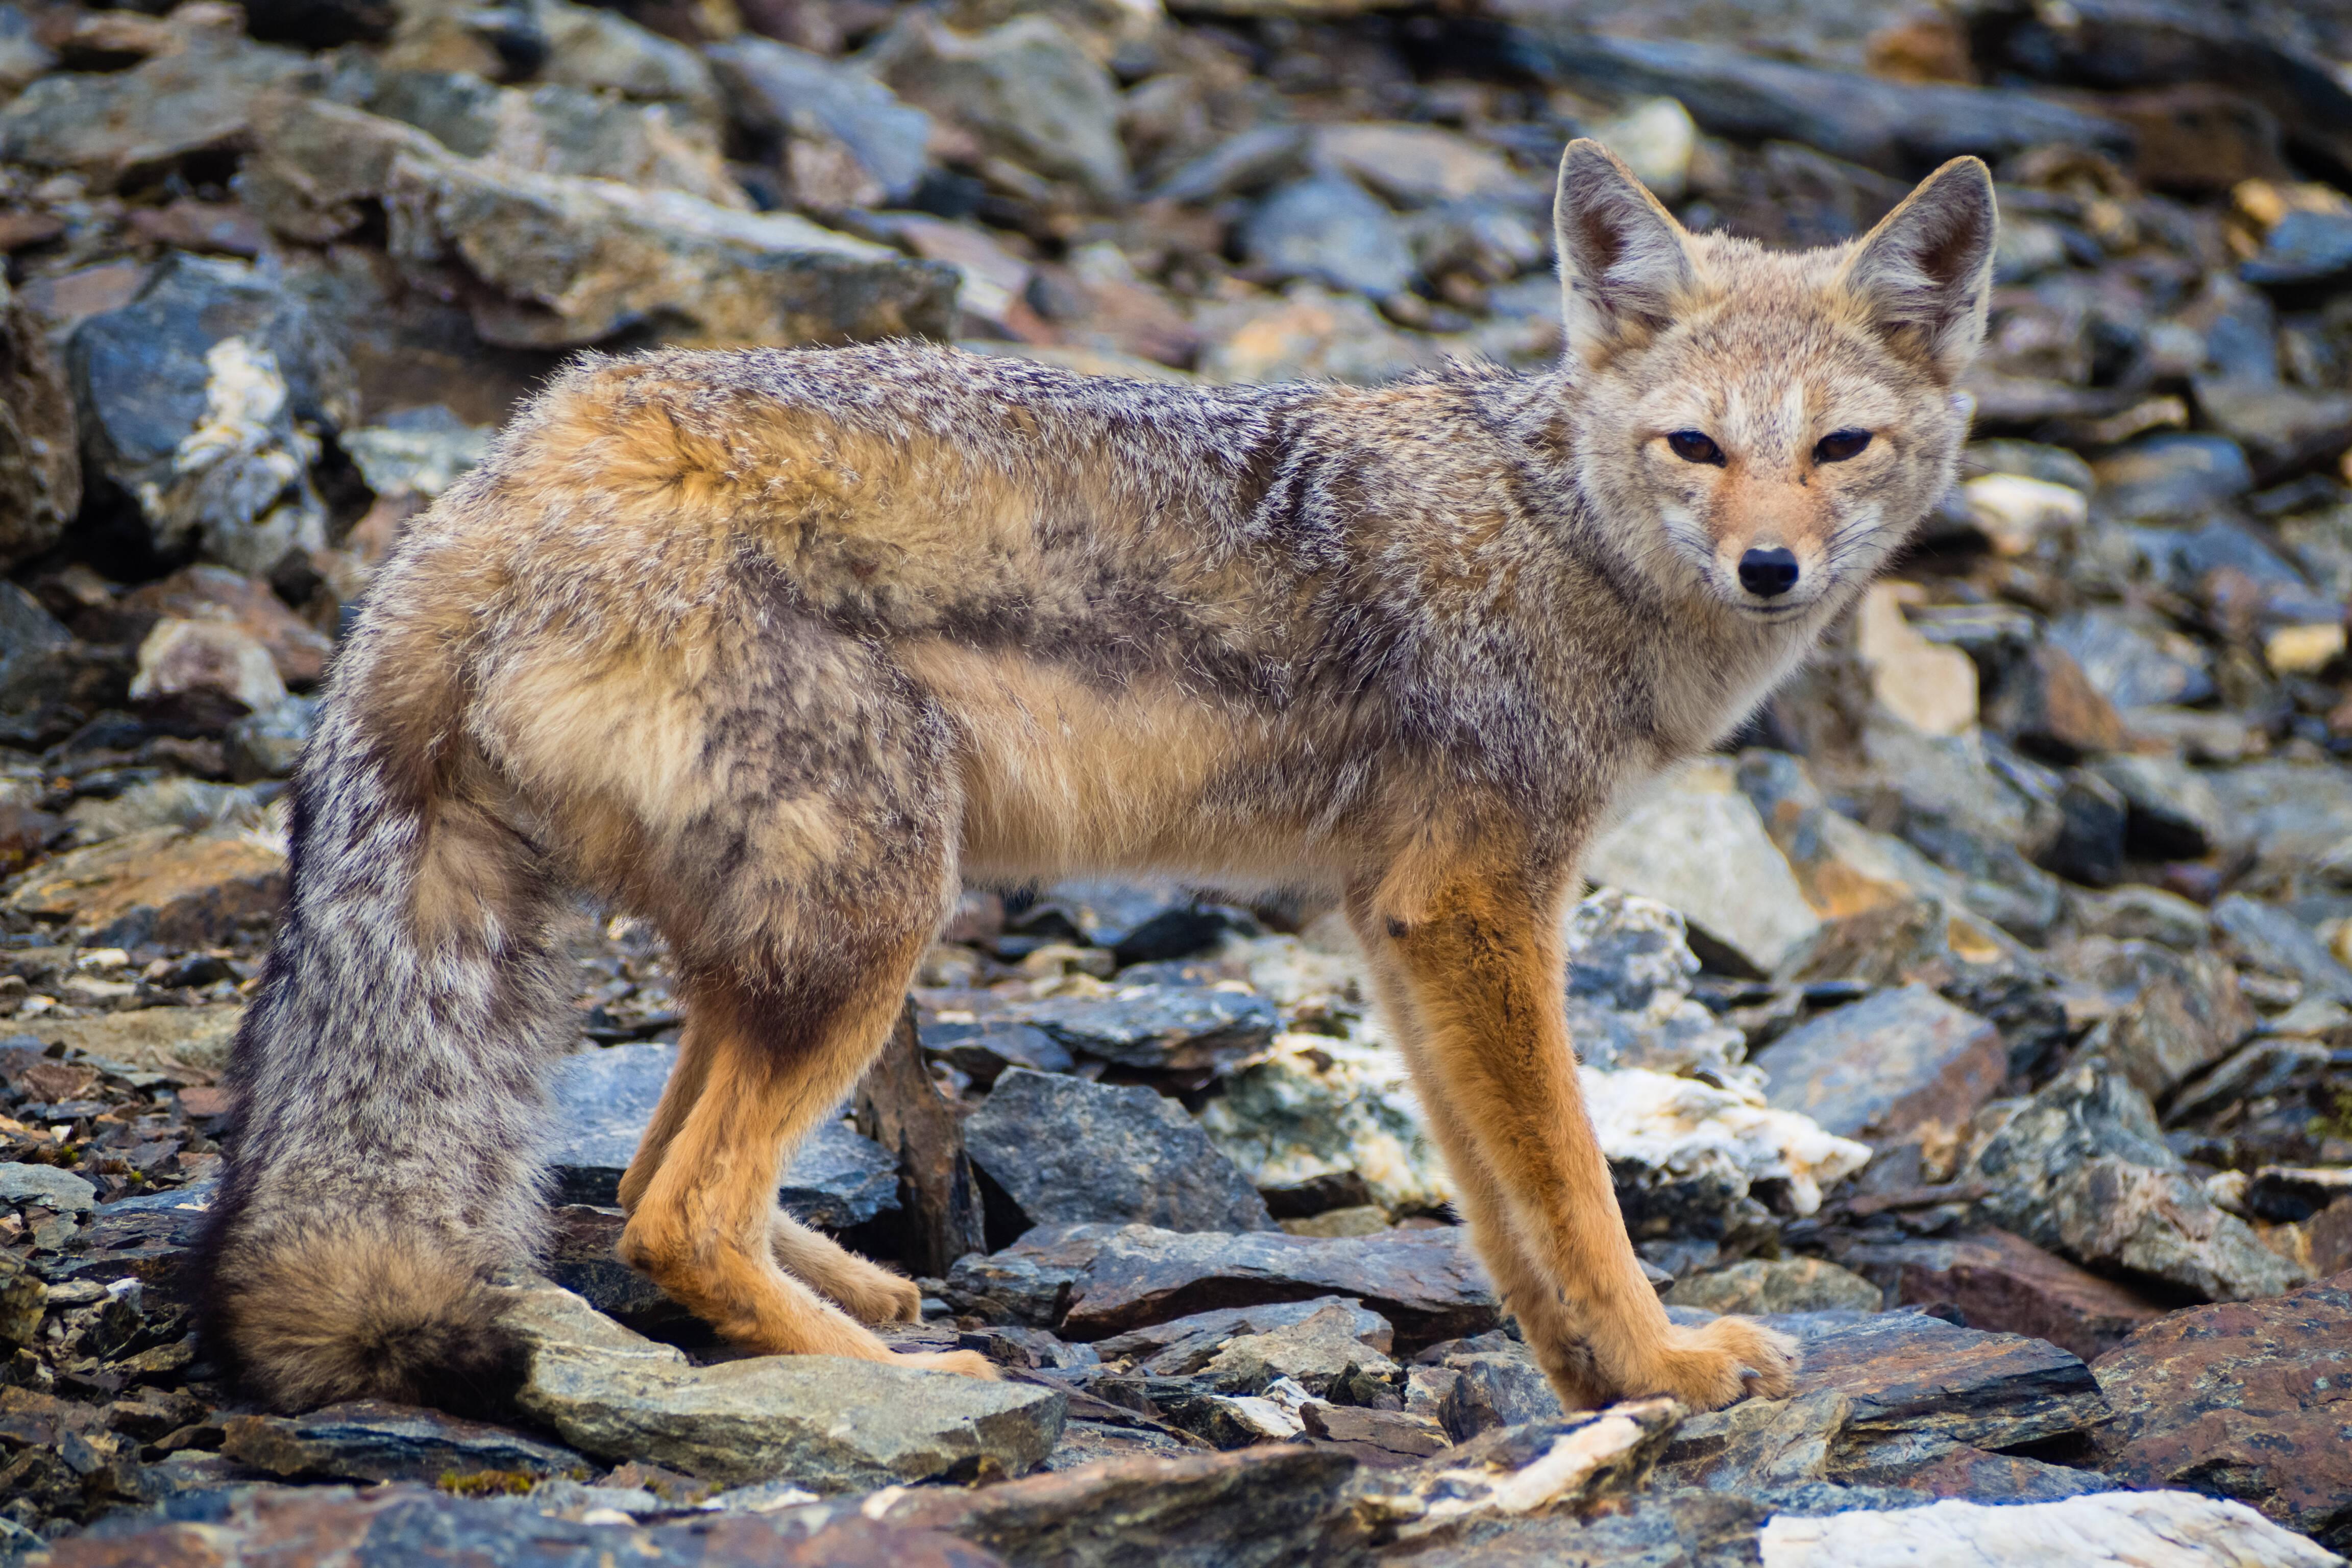 Espécies de fora da região, como a raposa cinzenta, foram trazidas pelos colonizadores europeus, e acabaram desestabilizando o ecossistema. Foto: shutterstock